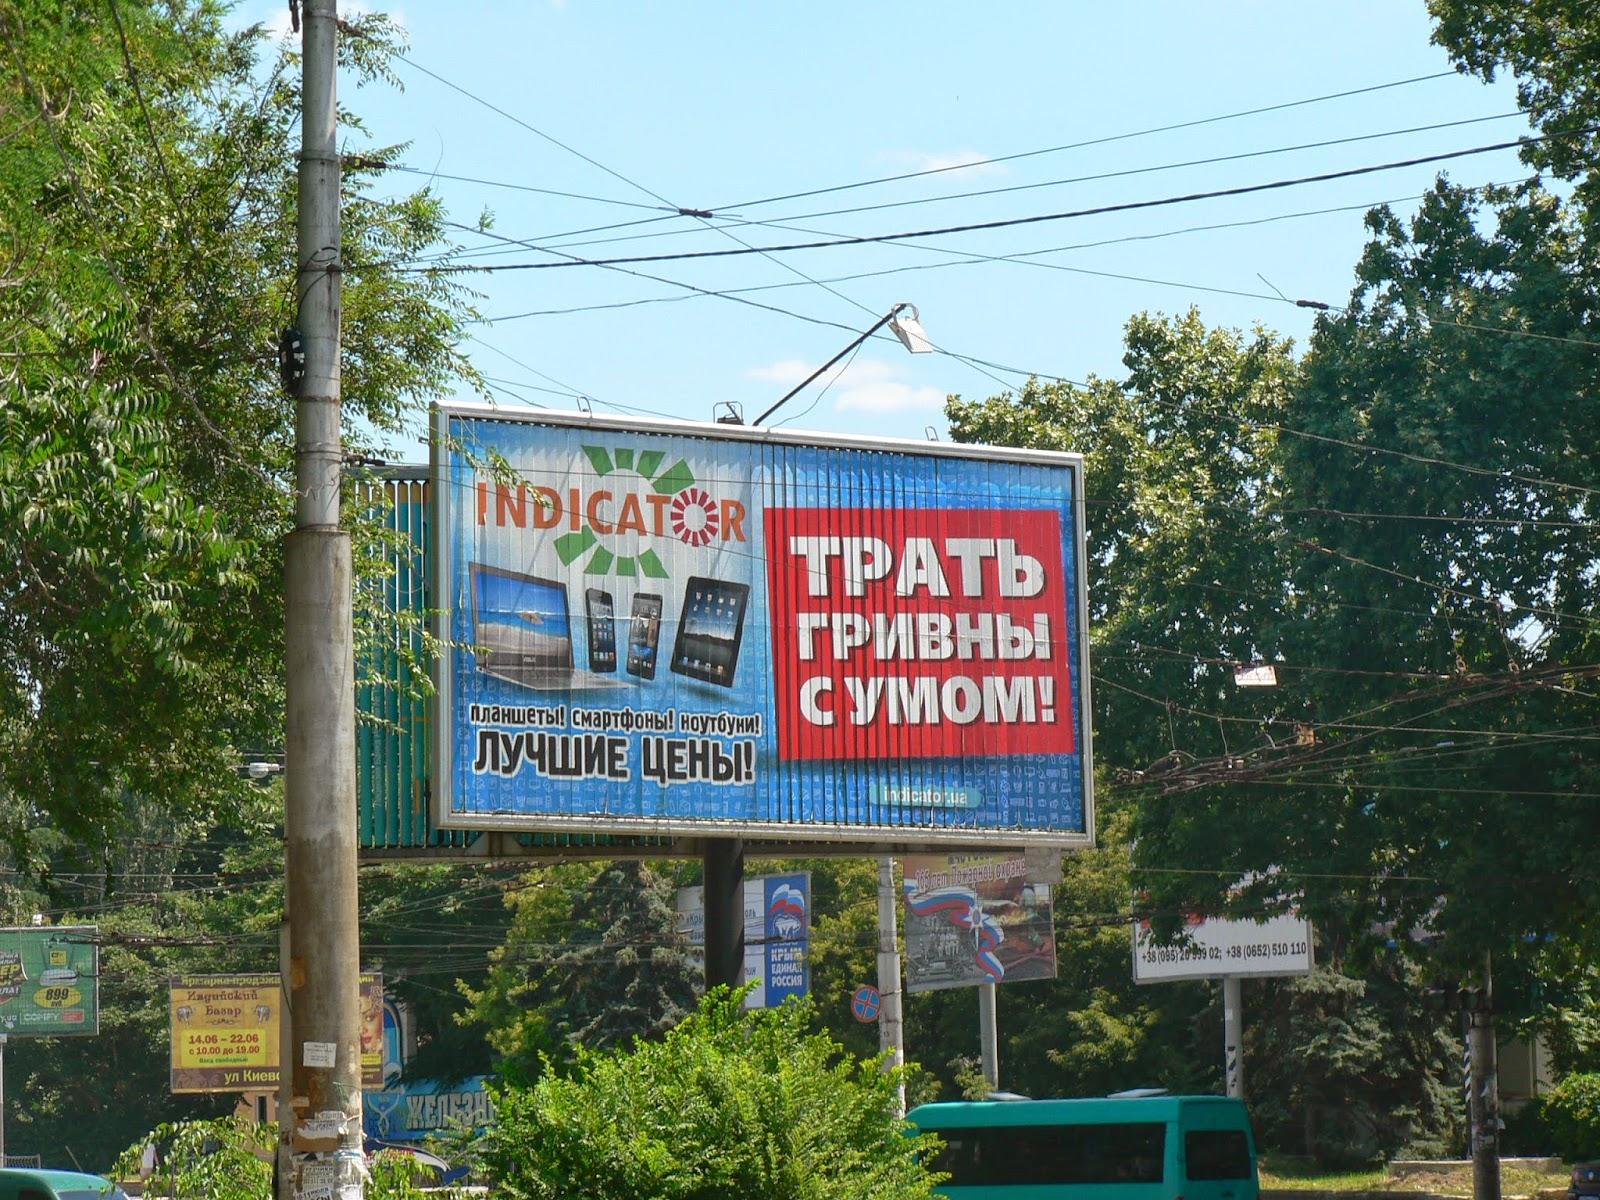 Трать-Гривны-с-Умом